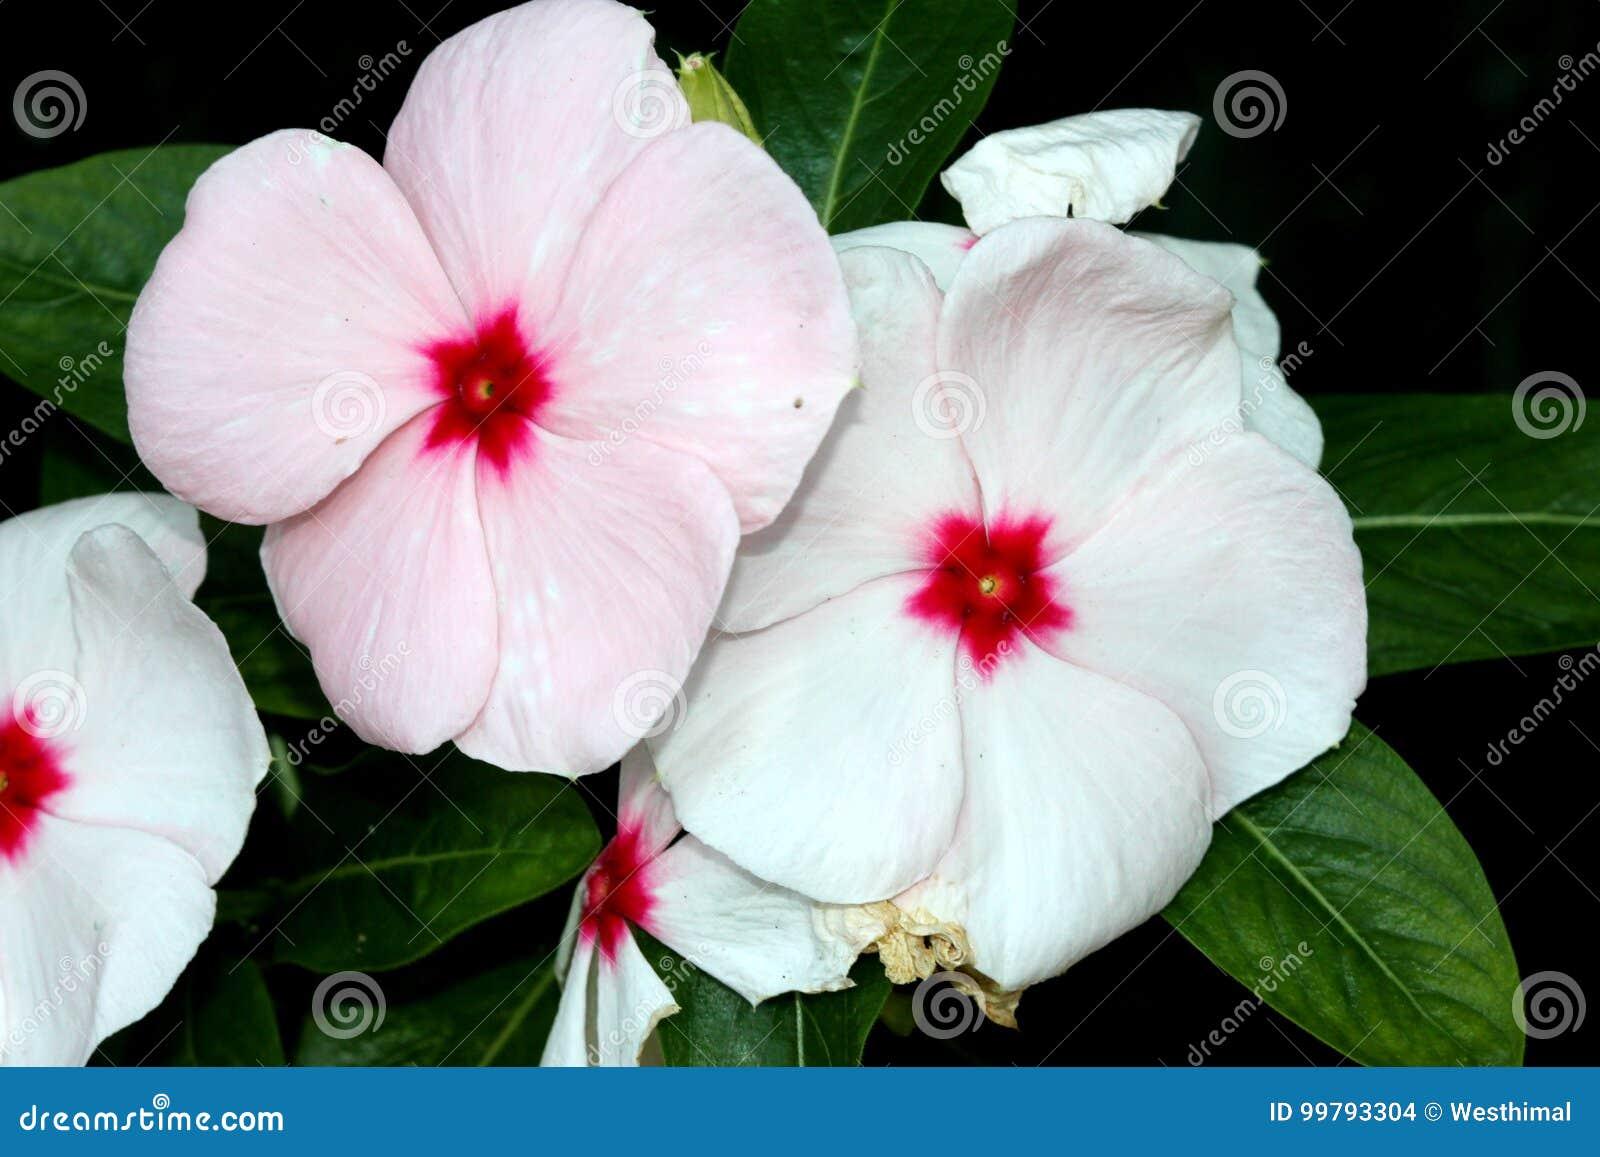 Catharanthus Roseus White, Madagascar Periwinkle, Vinca ...